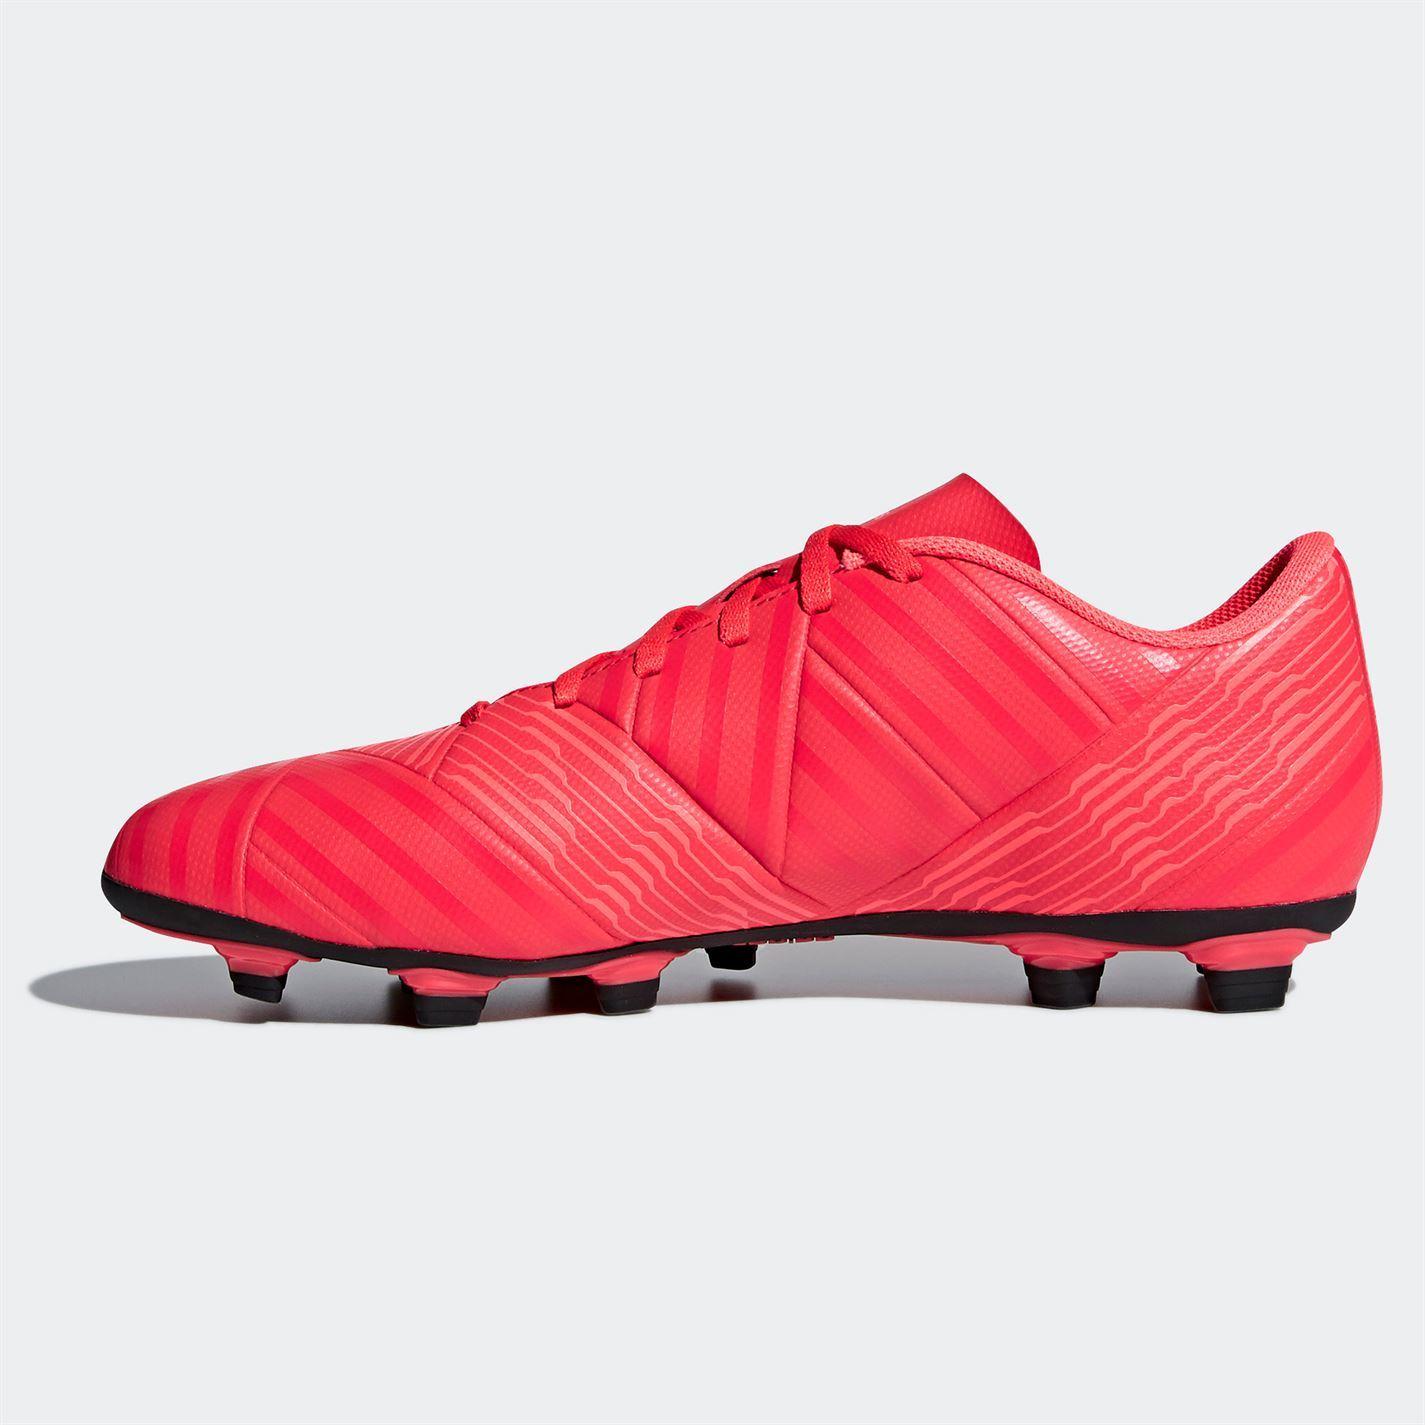 scarpe da calcio adidas x 17.3 uomo